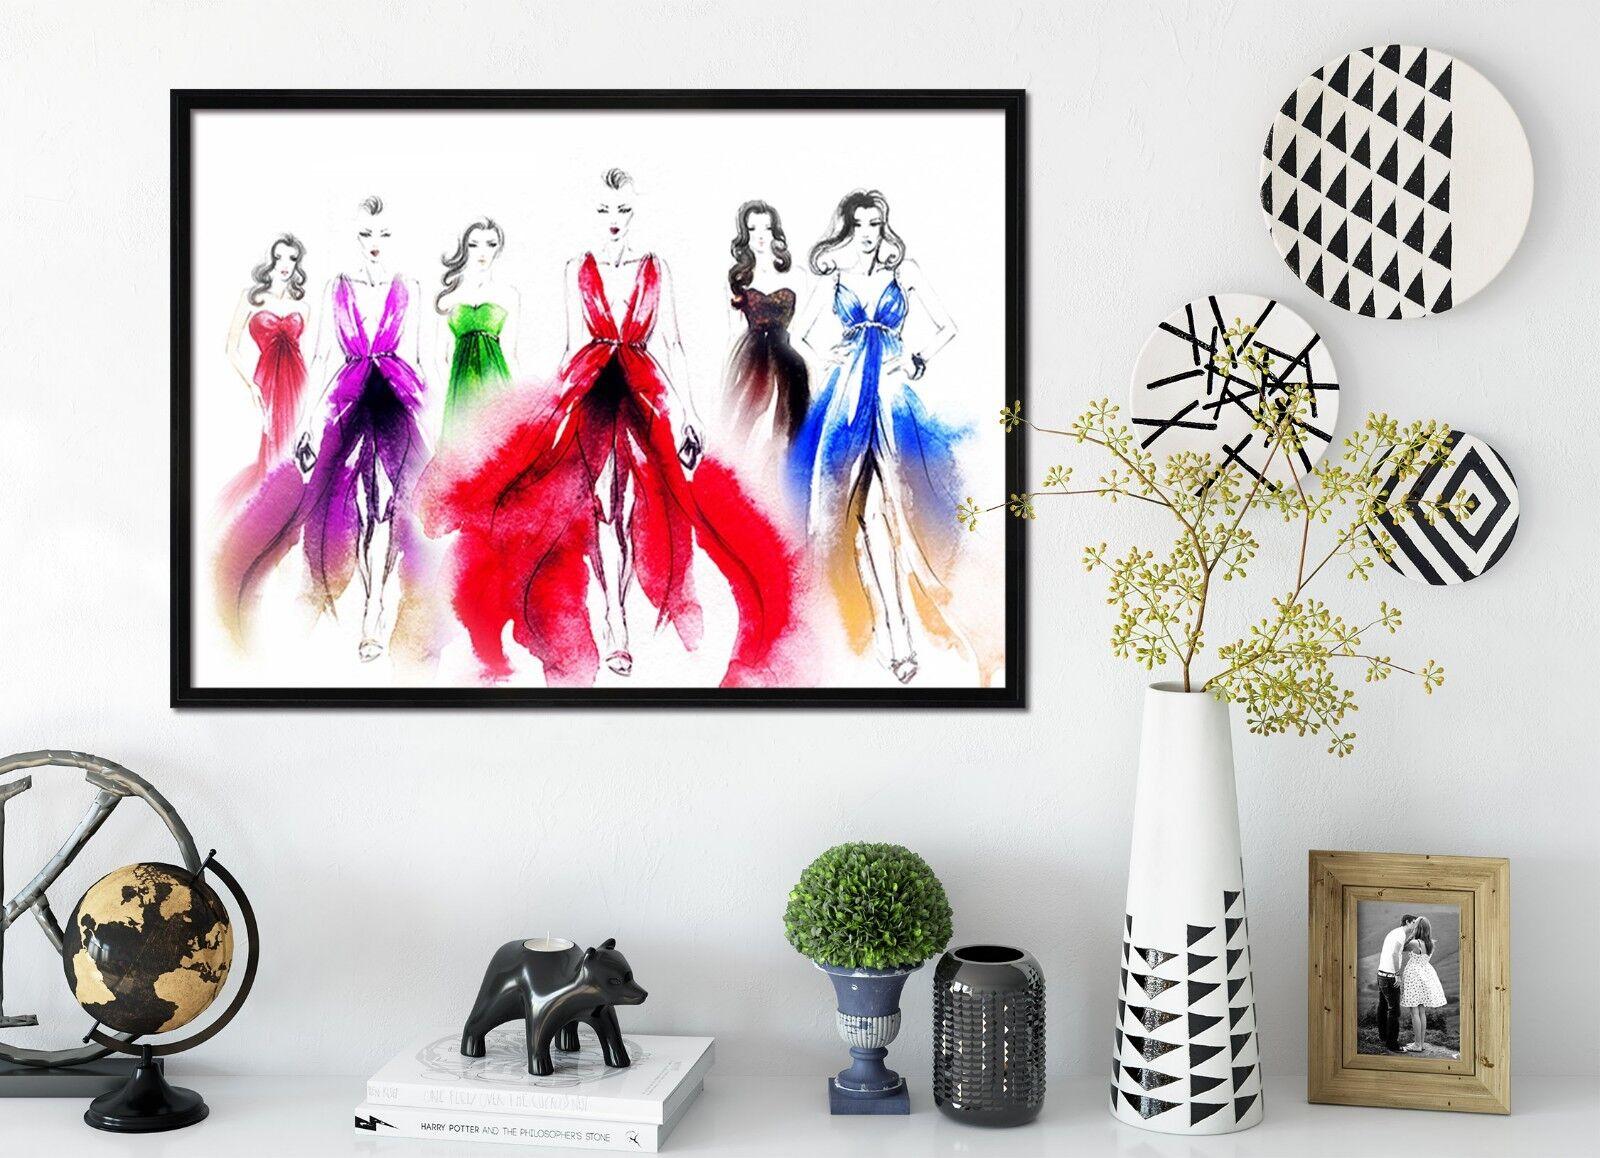 3D Painting Dress 51 Framed Poster Home Decor Drucken Painting Kunst AJ WandPapier